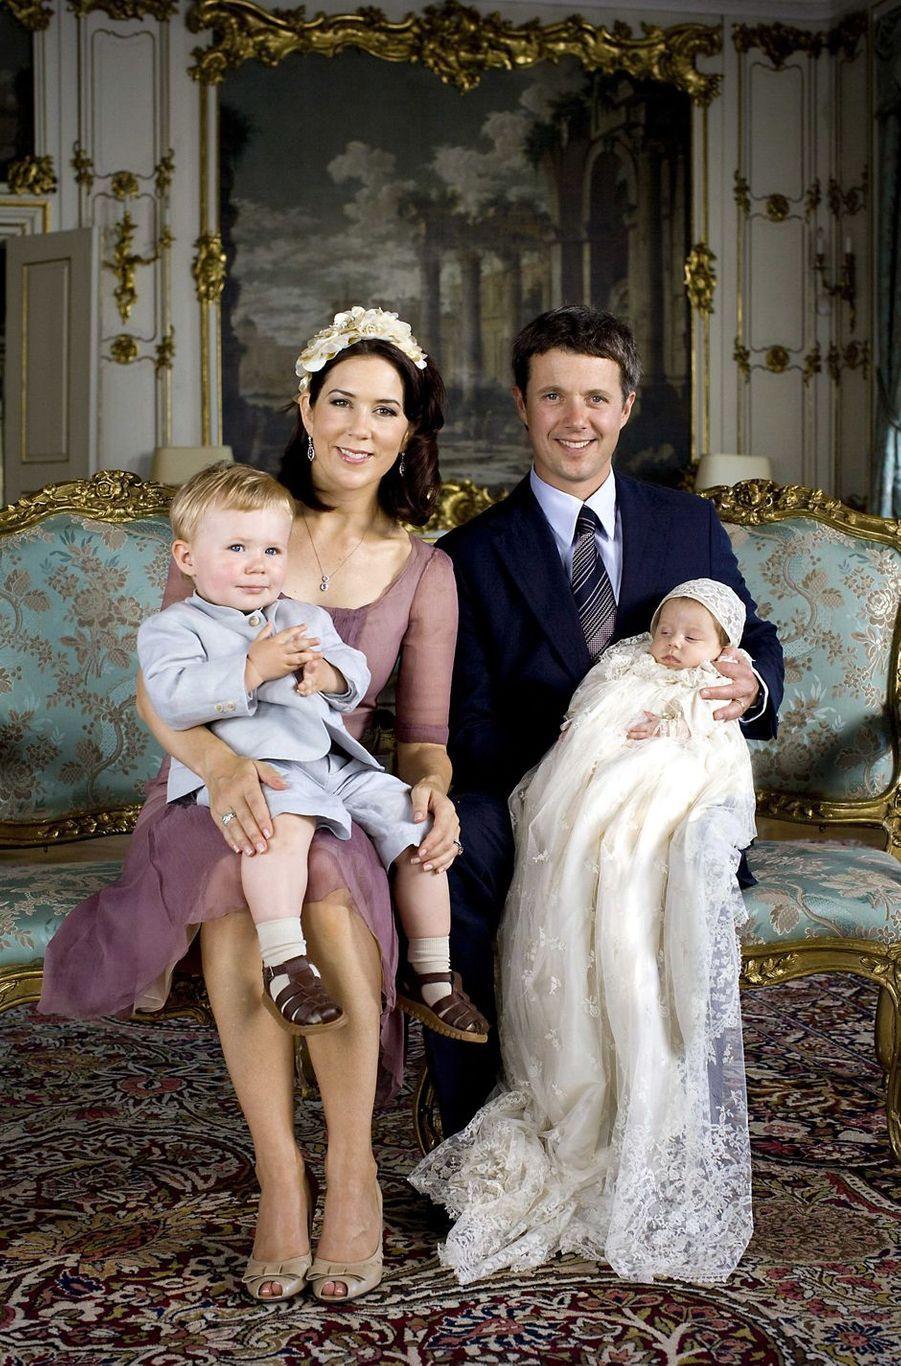 La princesse Isabella de Danemark, le 1er juillet 2007, jour de son baptême, avec ses parents le prince héritier Frederik et la princesse Mary et son frère le prince Christian